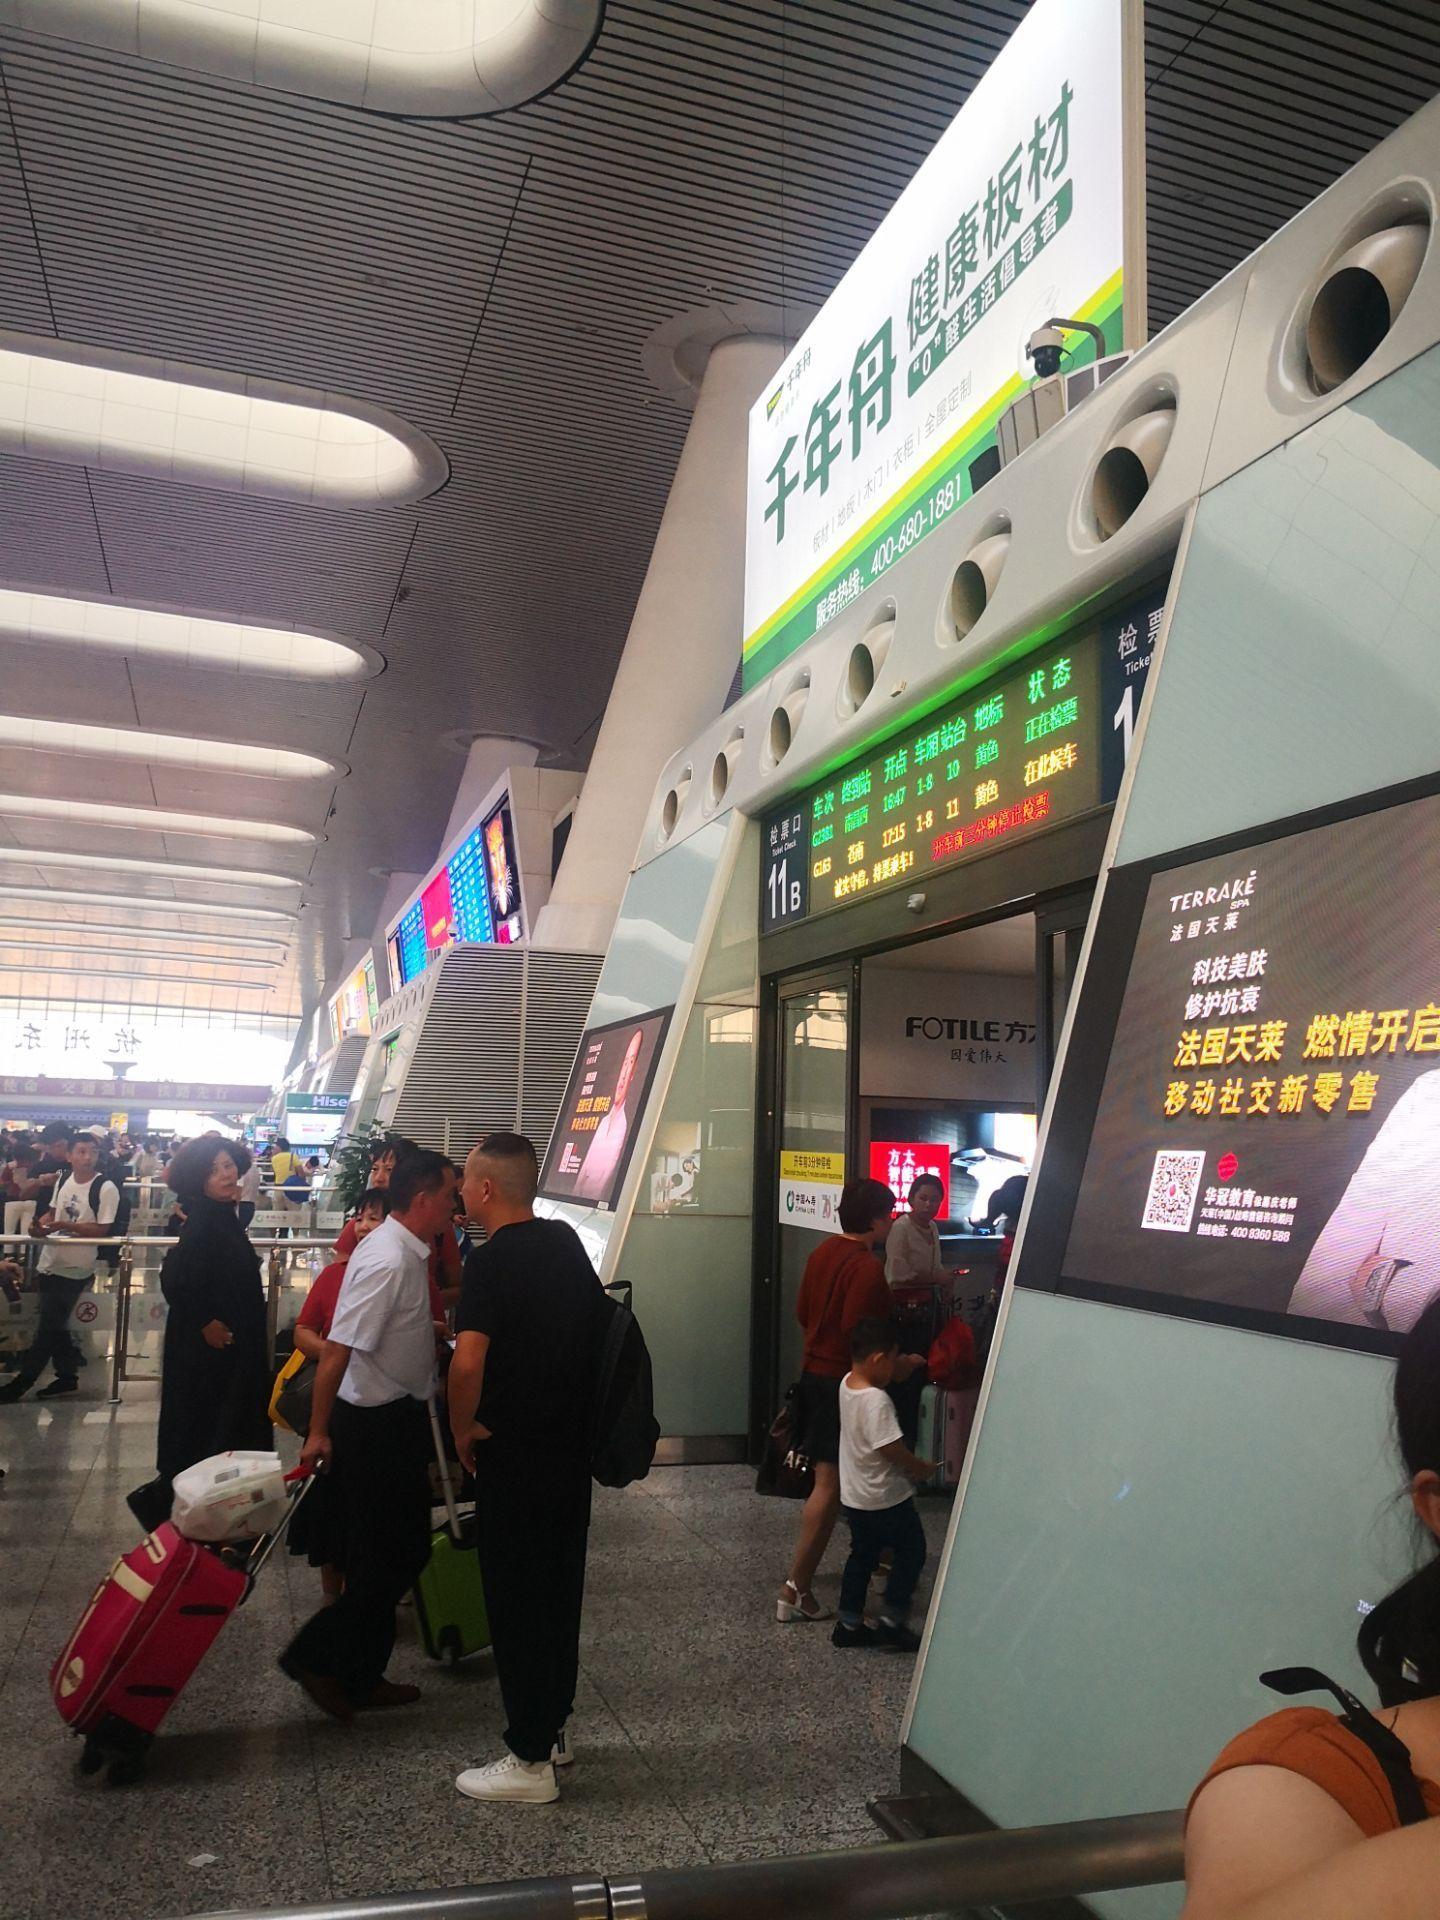 杭州火车站订票电话_【携程攻略】杭州东站介绍,杭州东站网上订票/票价查询/电话/路线